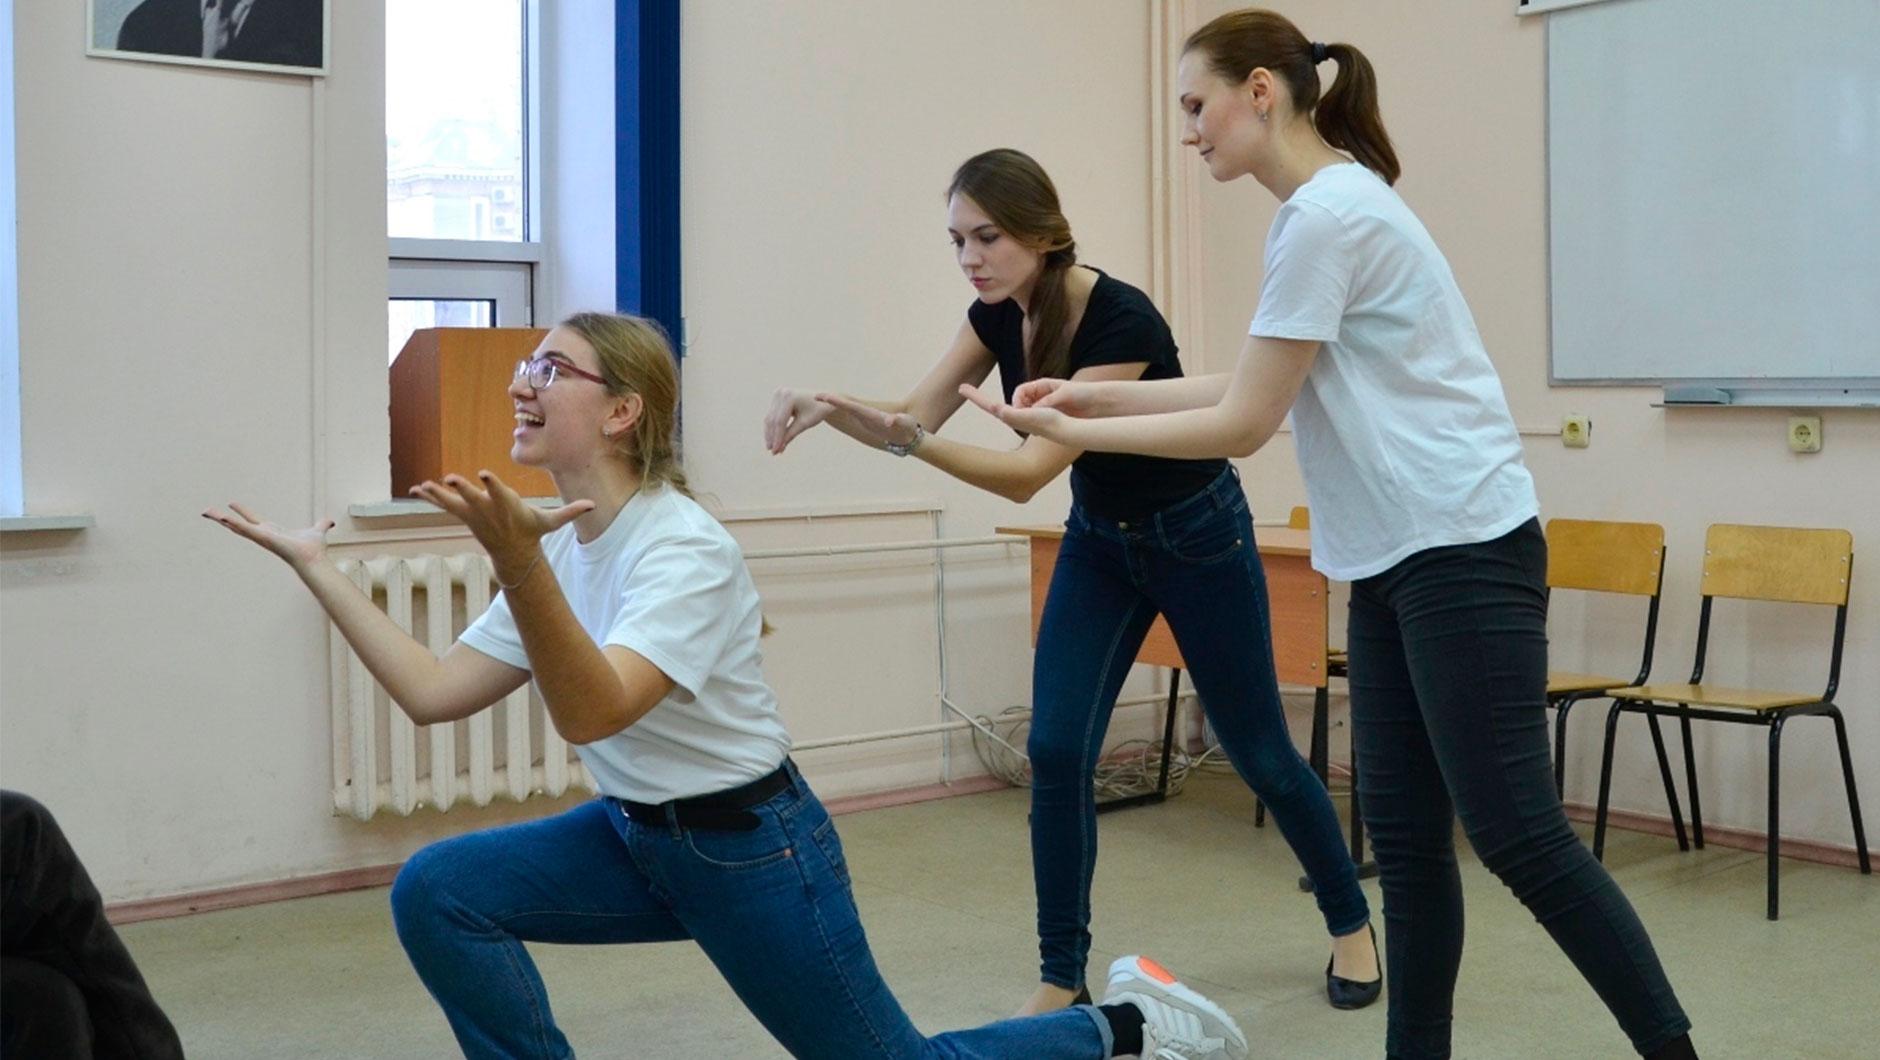 В Беларуси три вуза готовят актёров: БГАИ (драматический и музыкальный театр), БГАМ (музыкальный театр) и БГУКИ (преподаватели актёрского искусства и режиссёры)